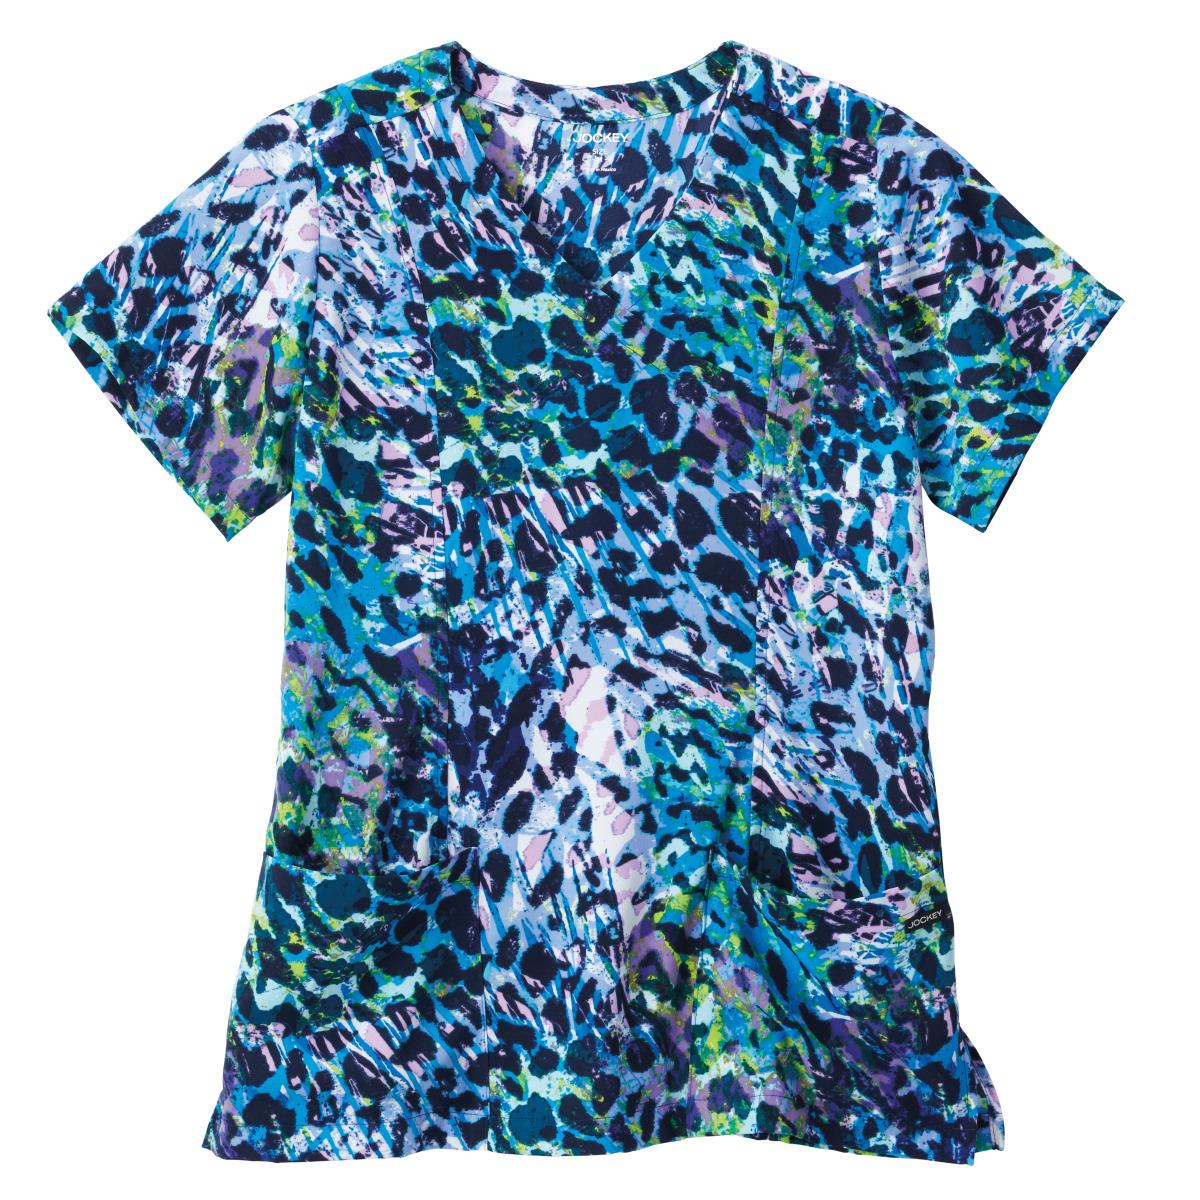 2359 Jockey® Scrubs Ladies Print Mock Wrap Top